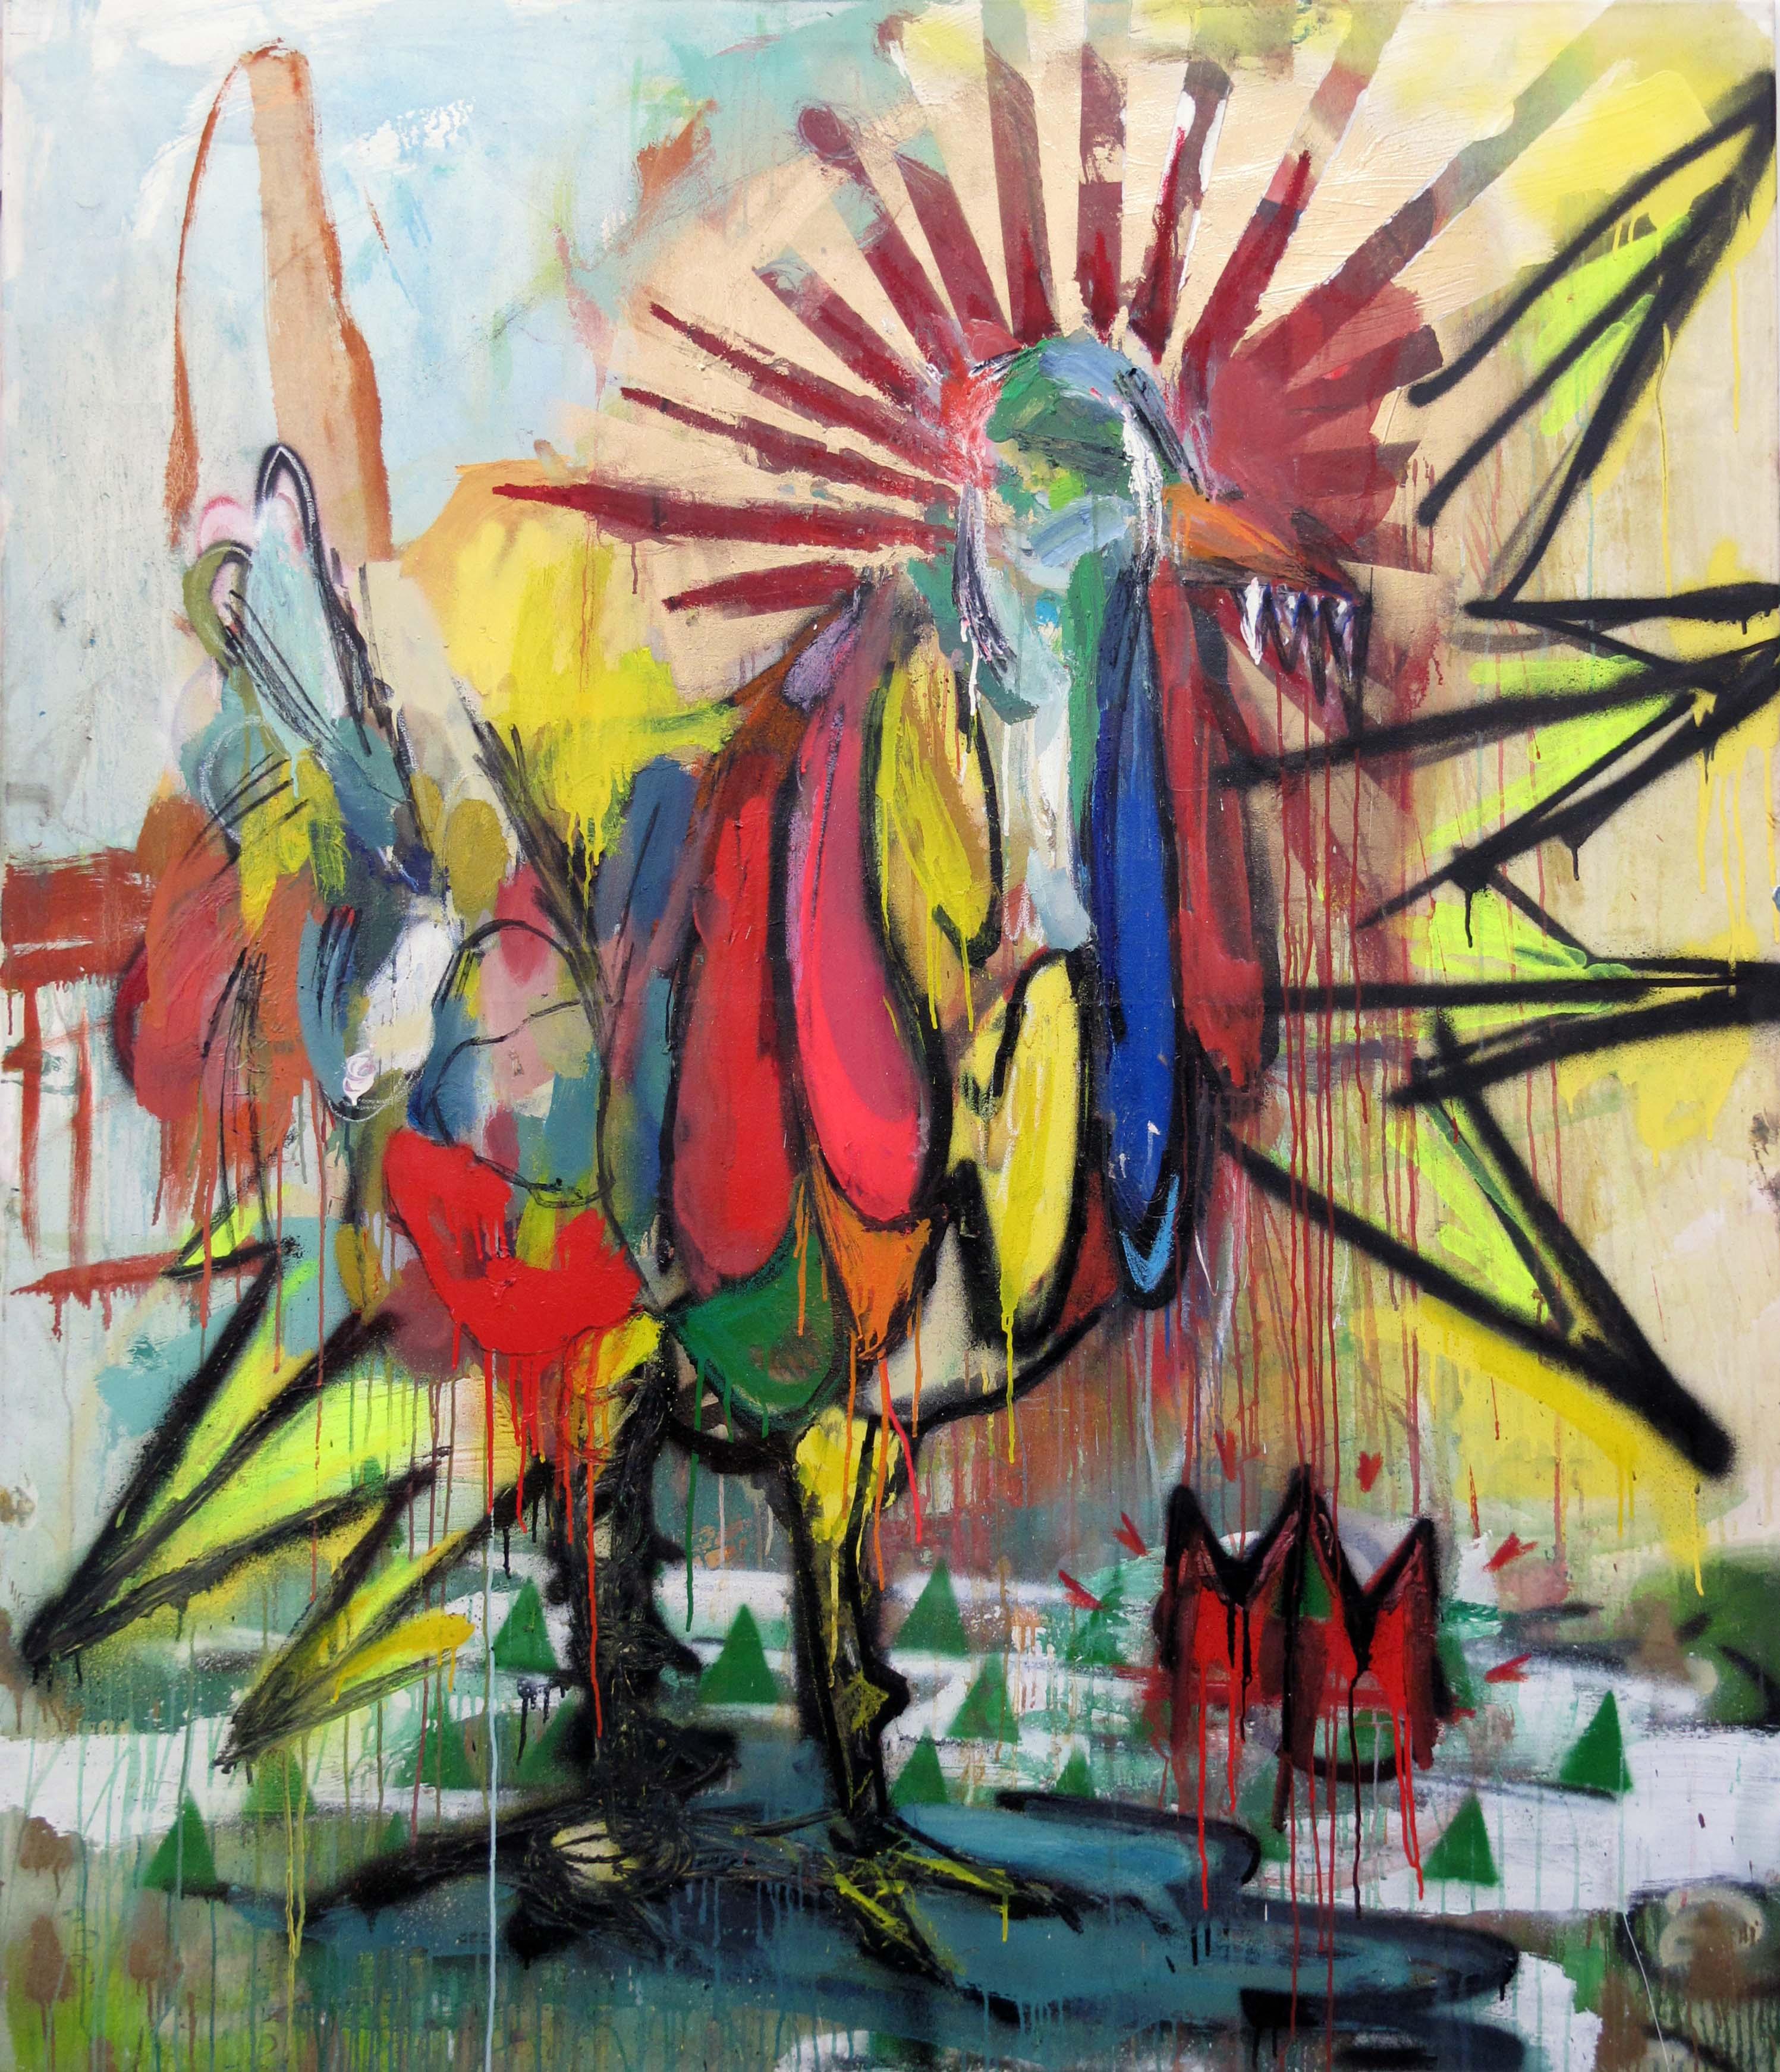 175x150x2cm oil, acrylic and spray on canvas